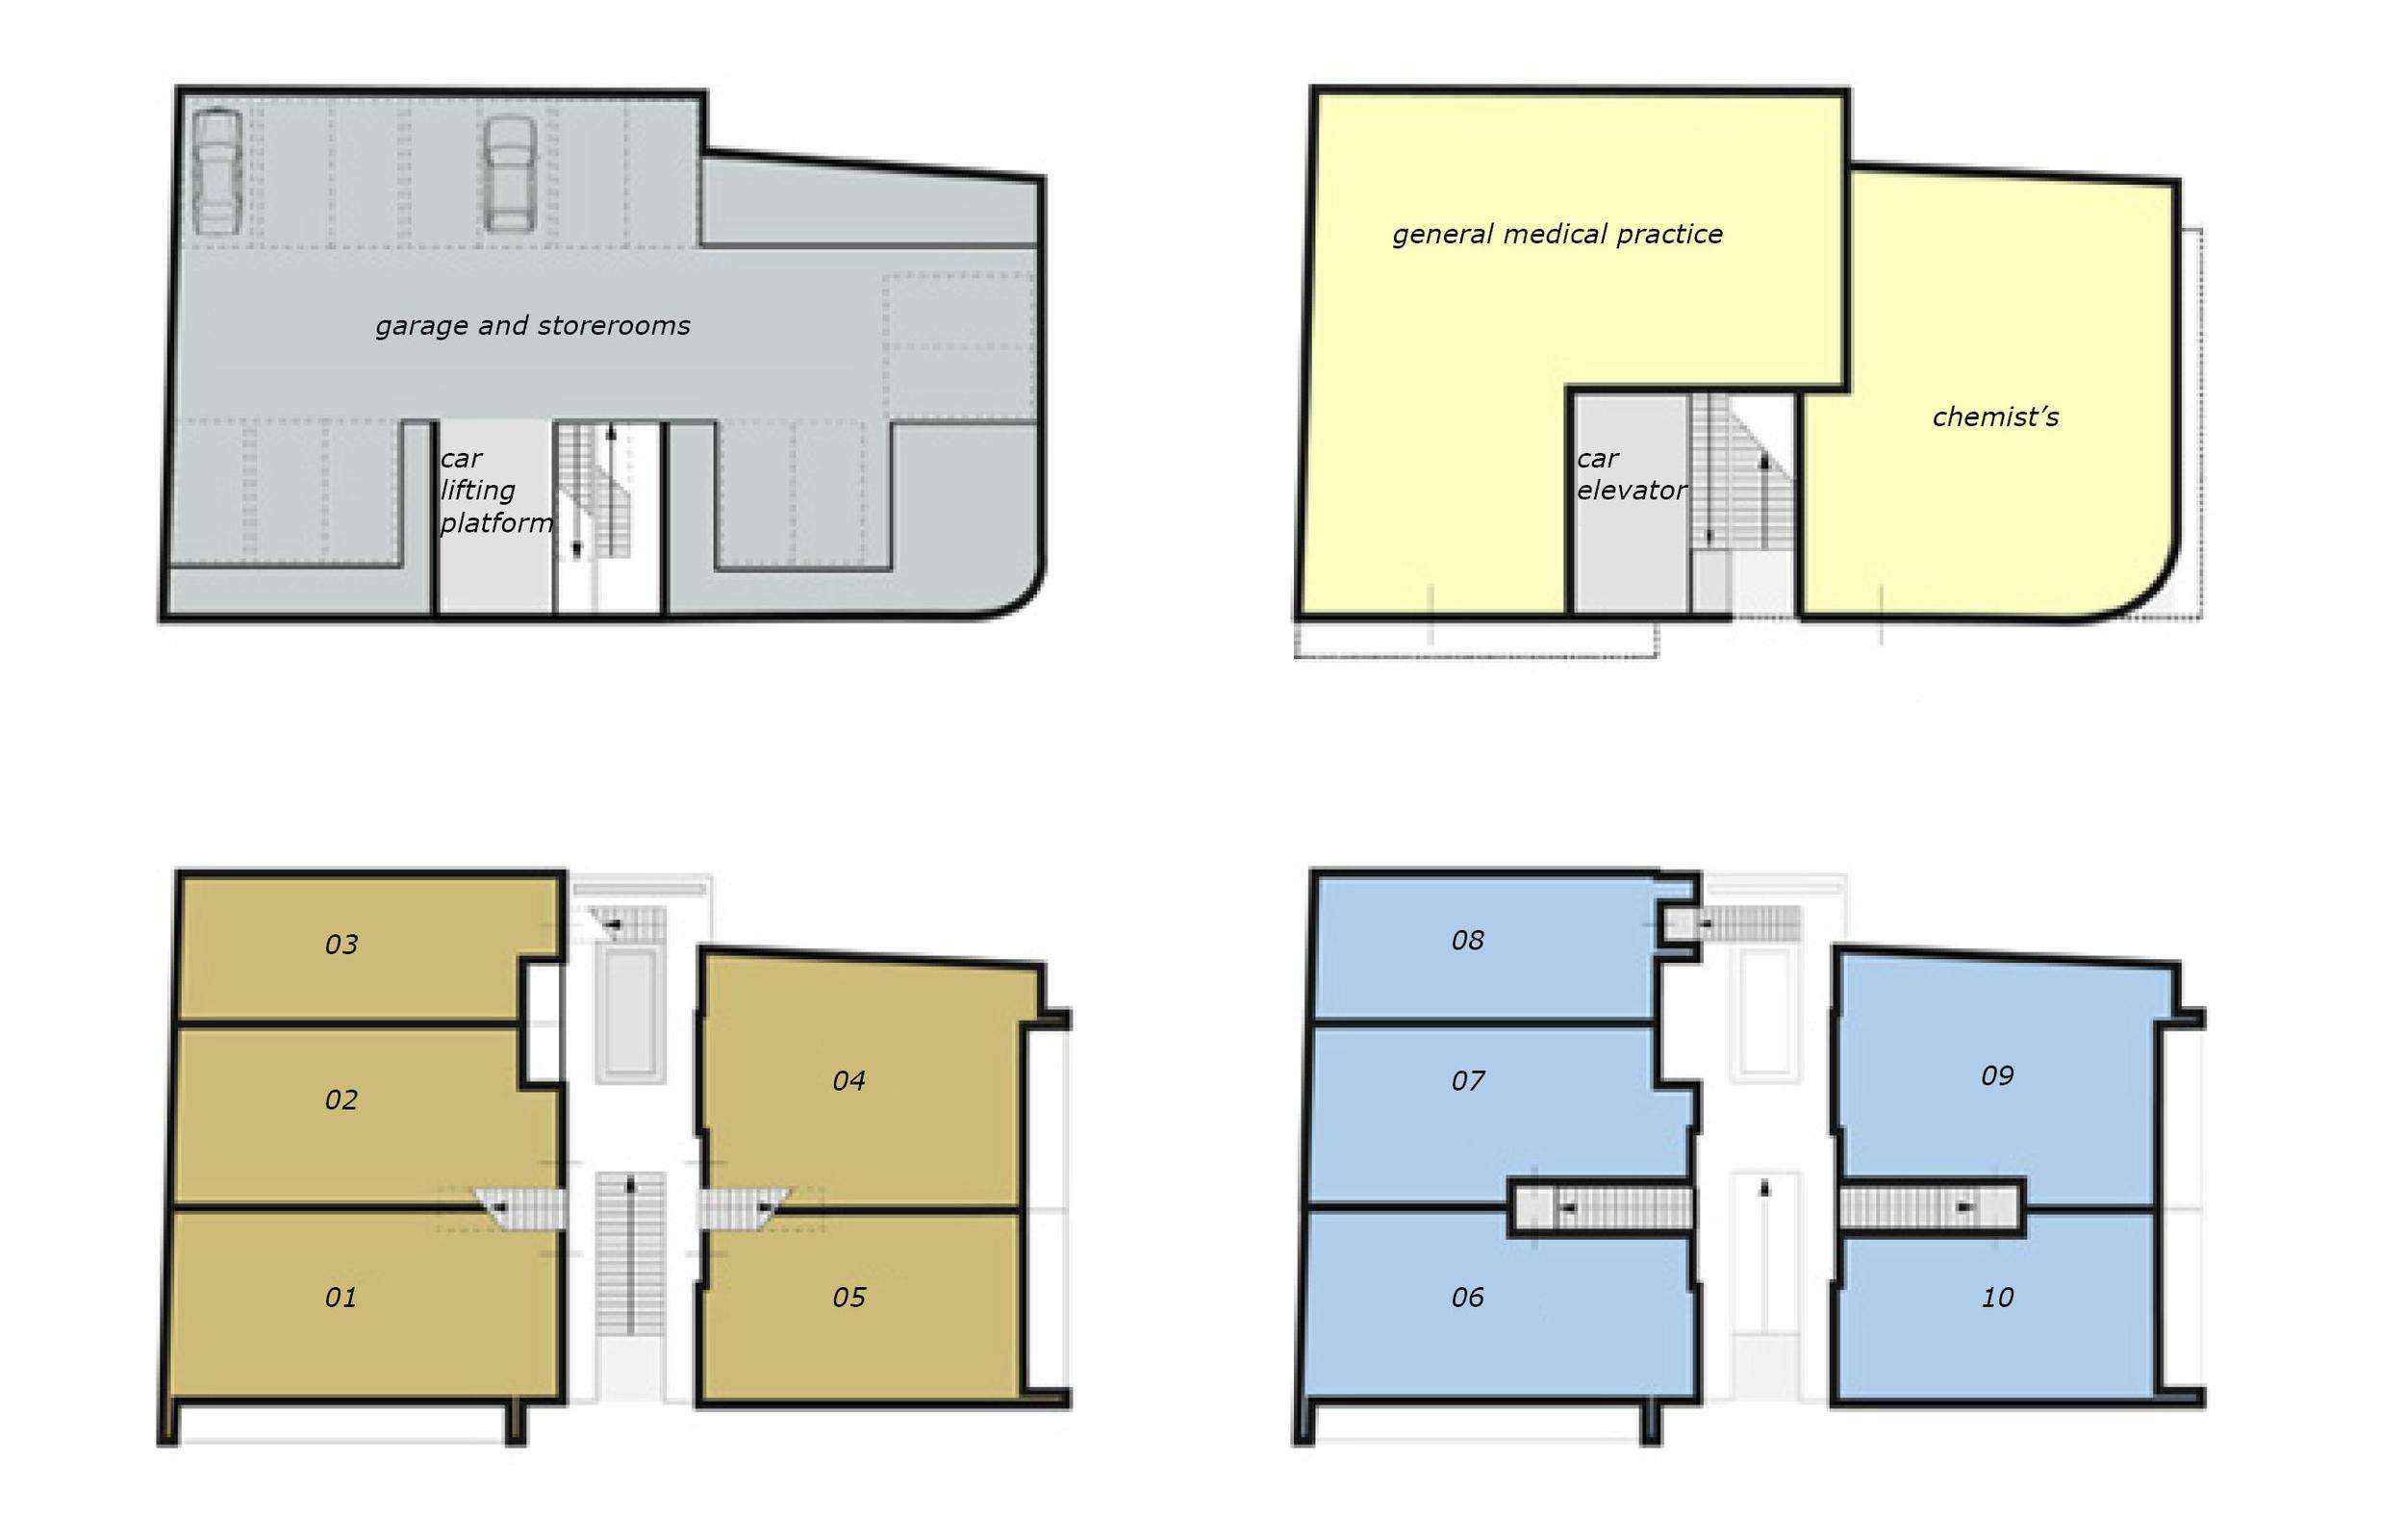 schematic display of the functions per floor